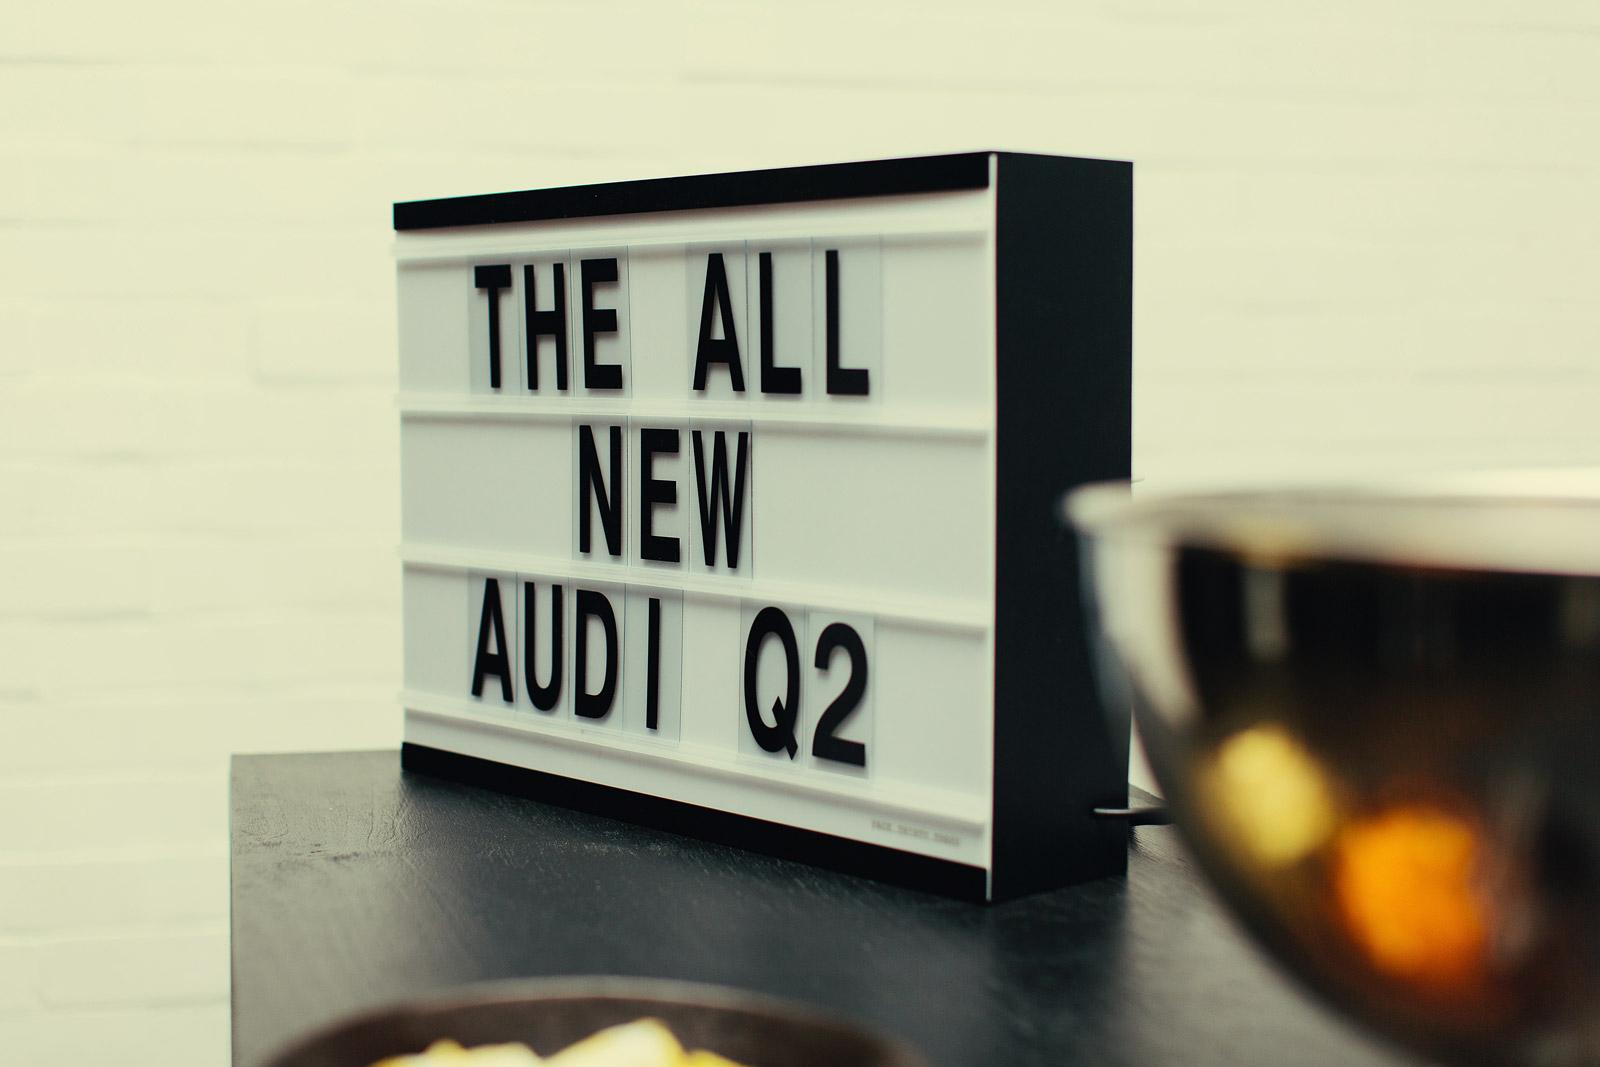 TeamEvent_Audi_A4_Launch_02